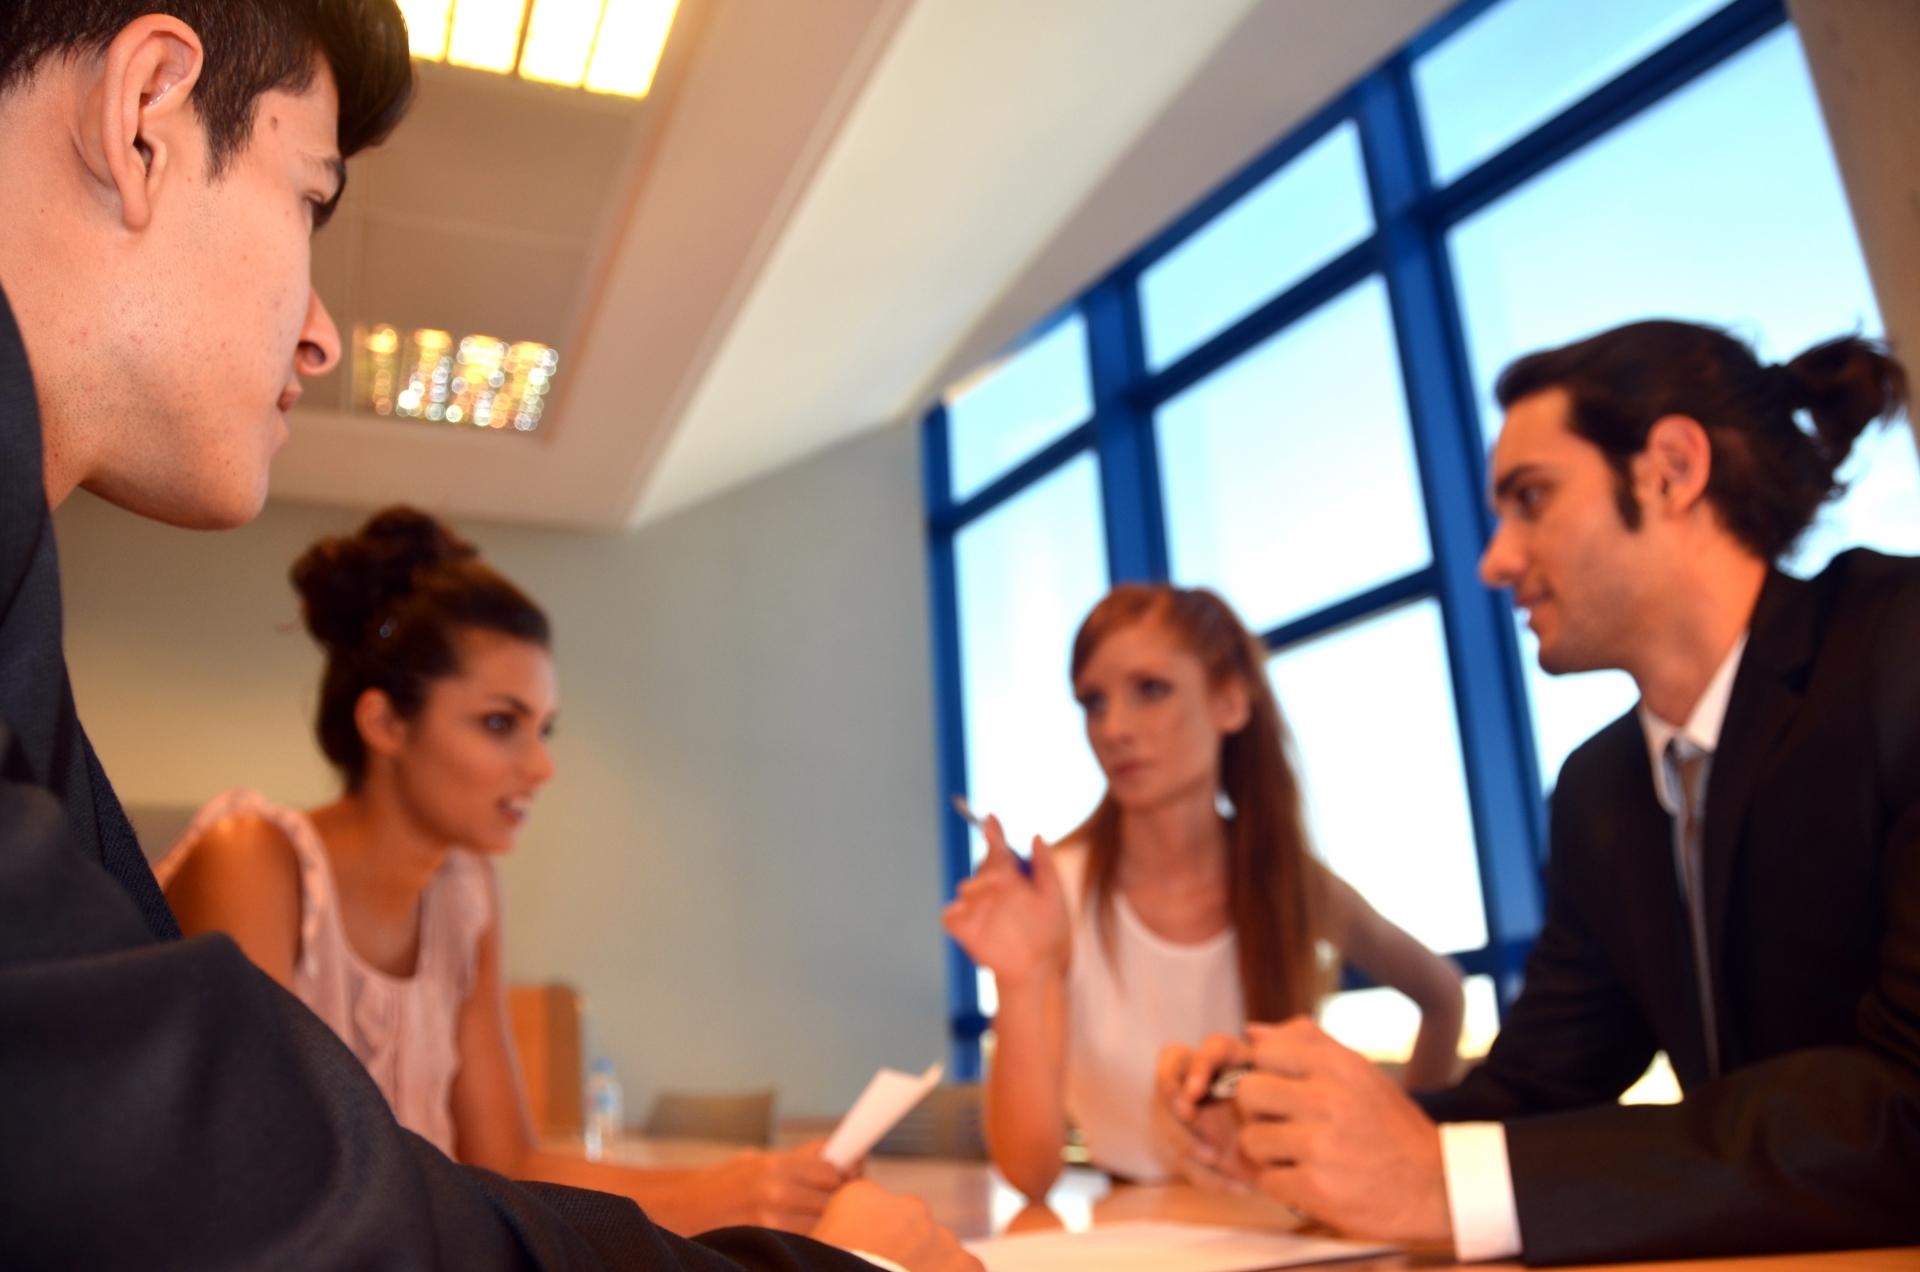 職場の人との適切な距離感とは?人間関係をスムーズにする方法!